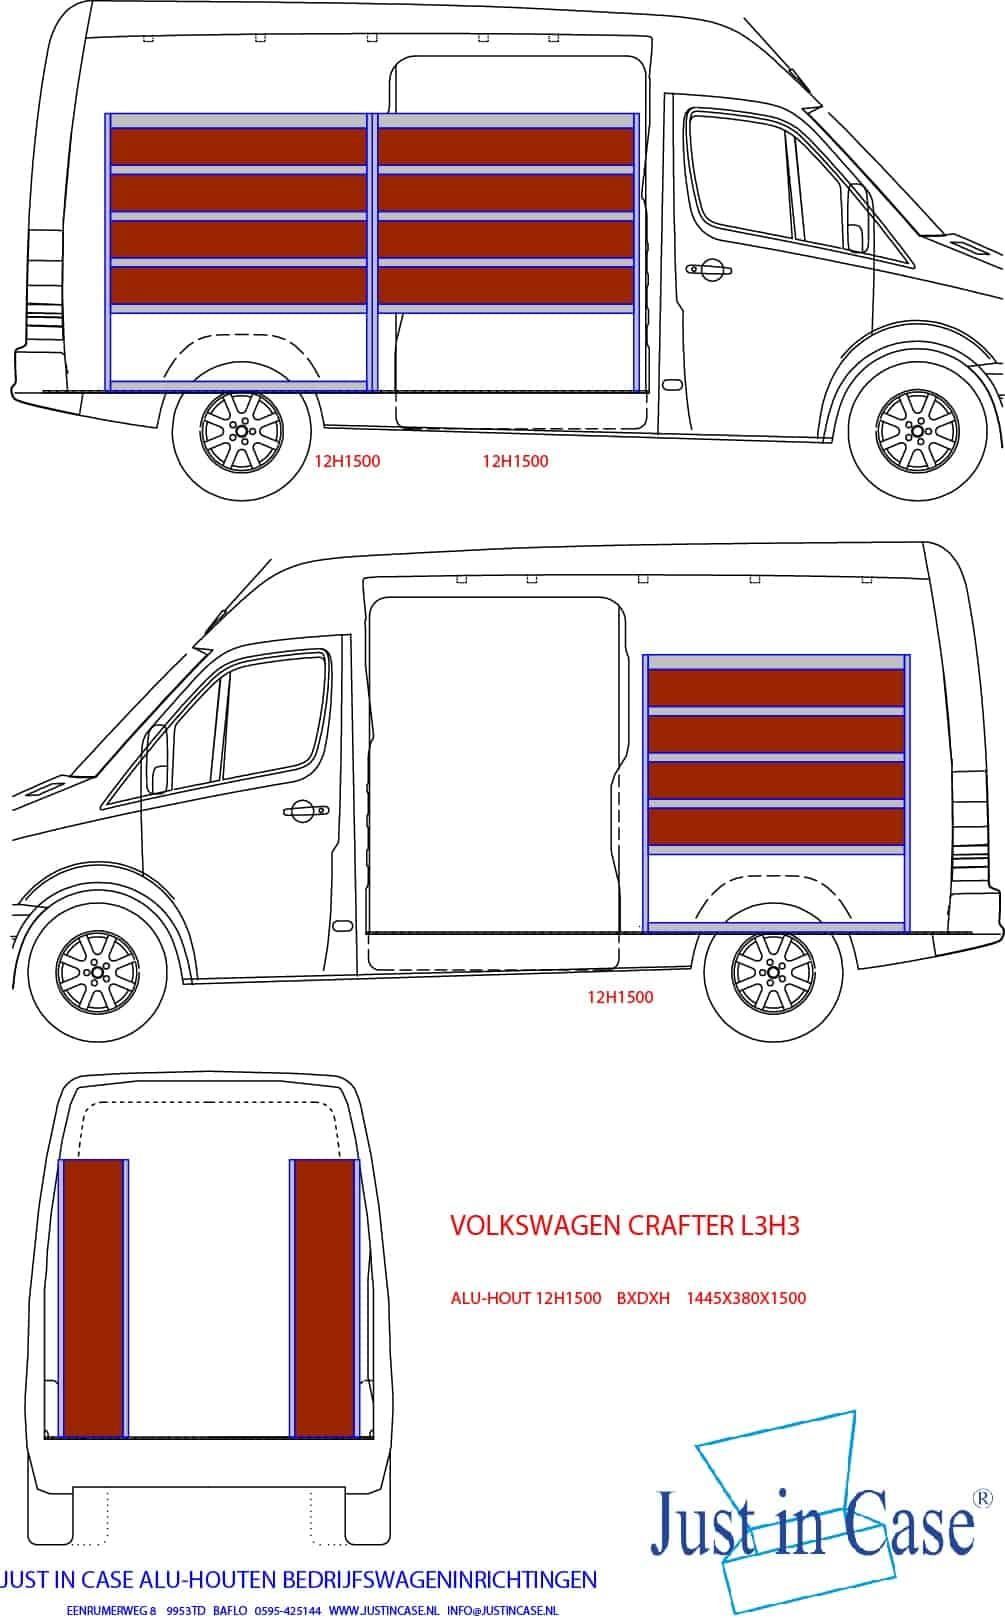 Volkswagen Crafter (Lengte 3) bedrijfswageninrichting schets